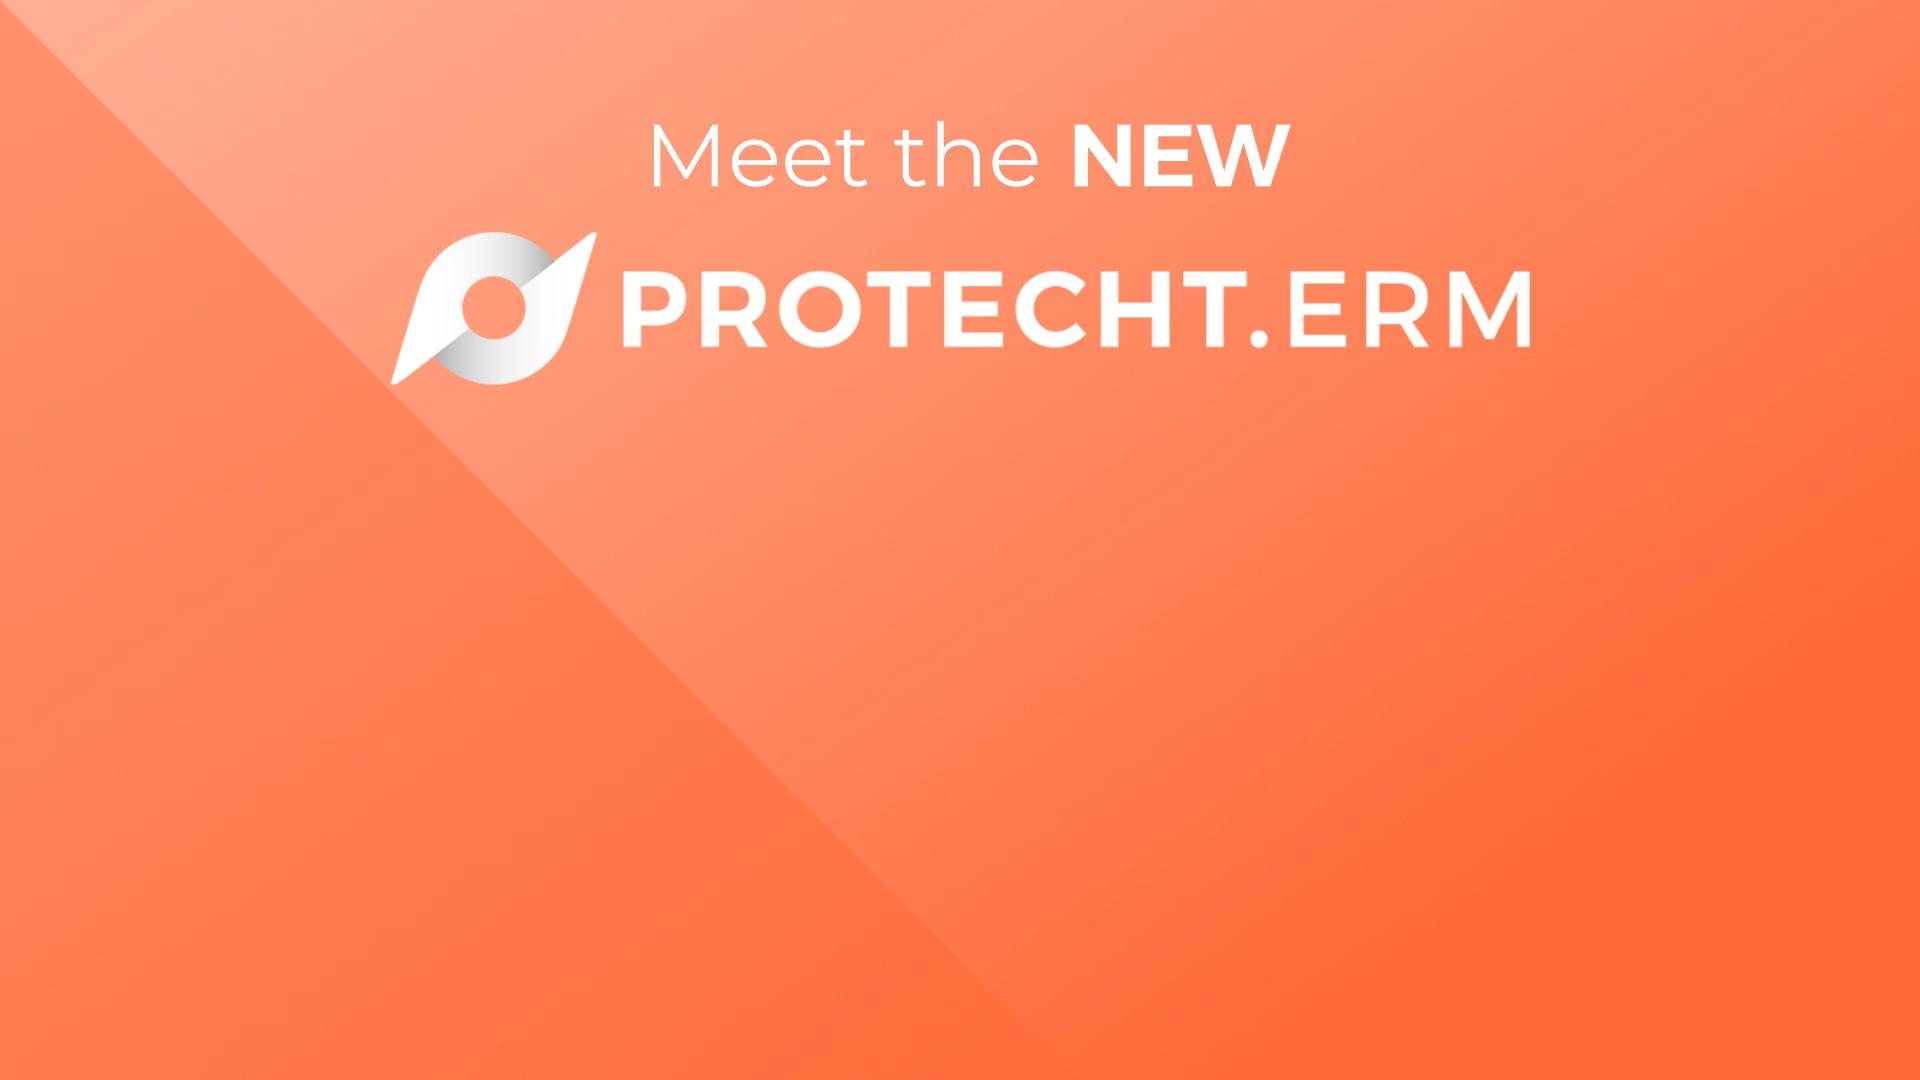 Protecht-Redefining-Risk-Meet-New-Protecht.ERM-clip